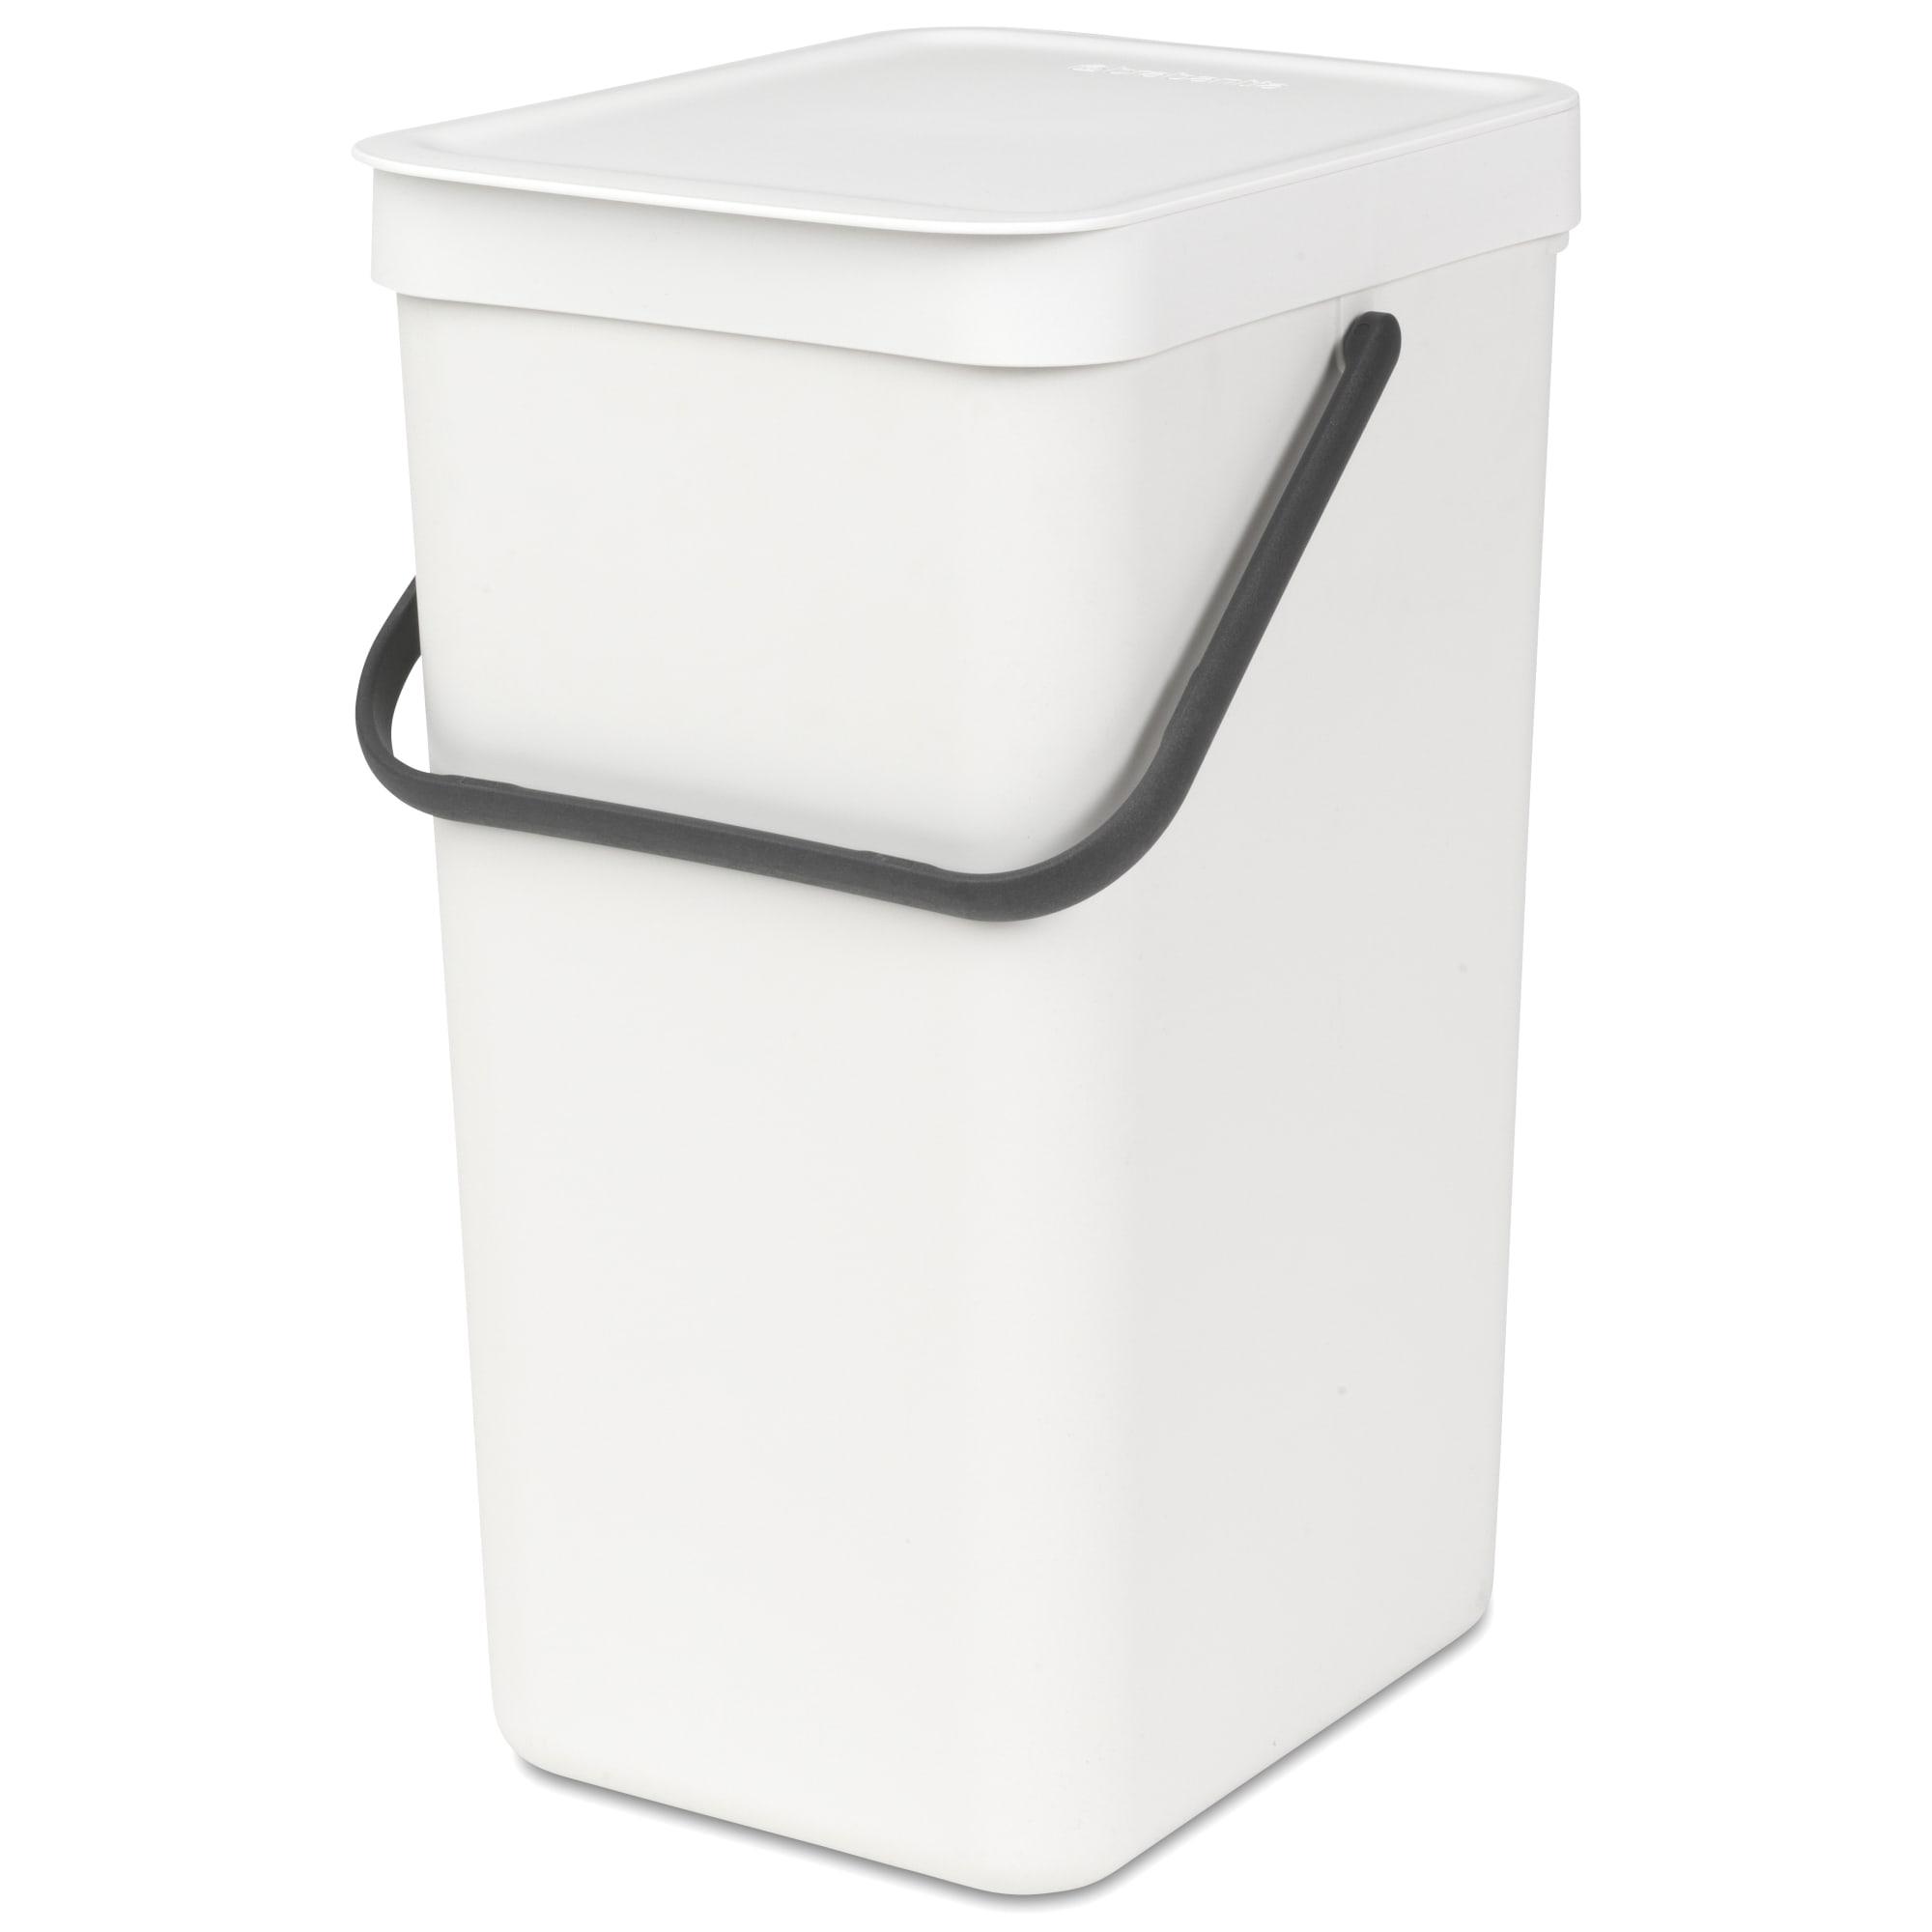 16 liter - Smart affaldssortering til hjemmet